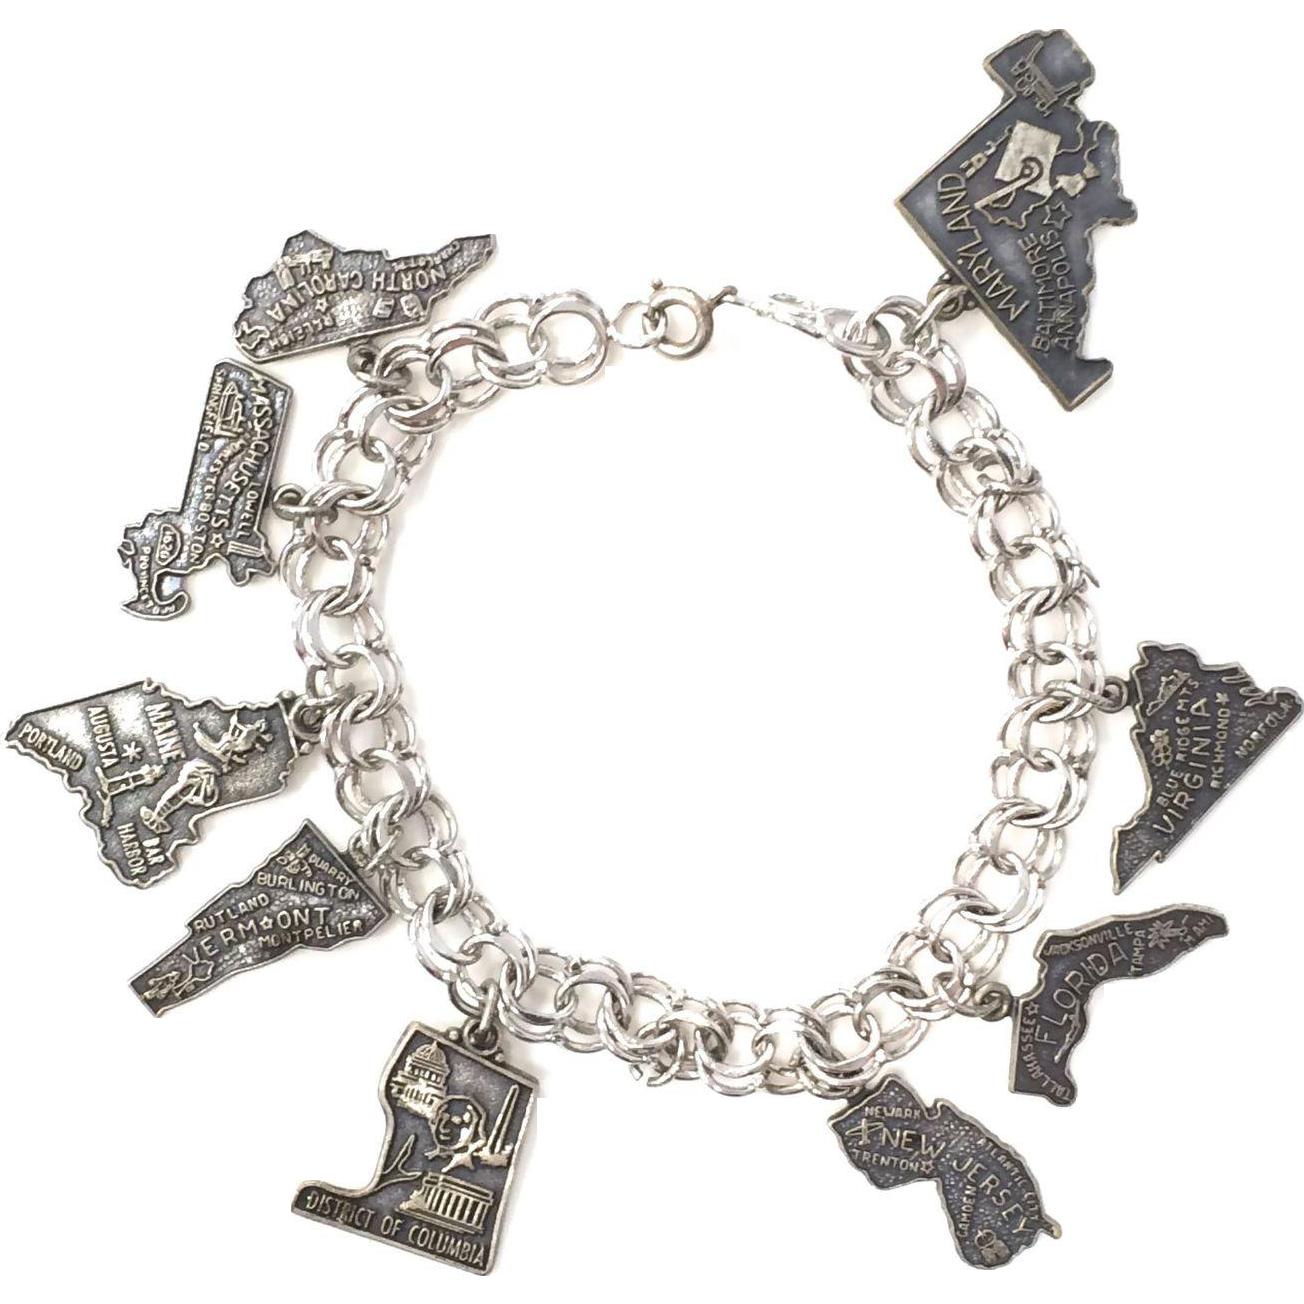 Vintage 1950s Sterling Silver East Coast States Charm Bracelet